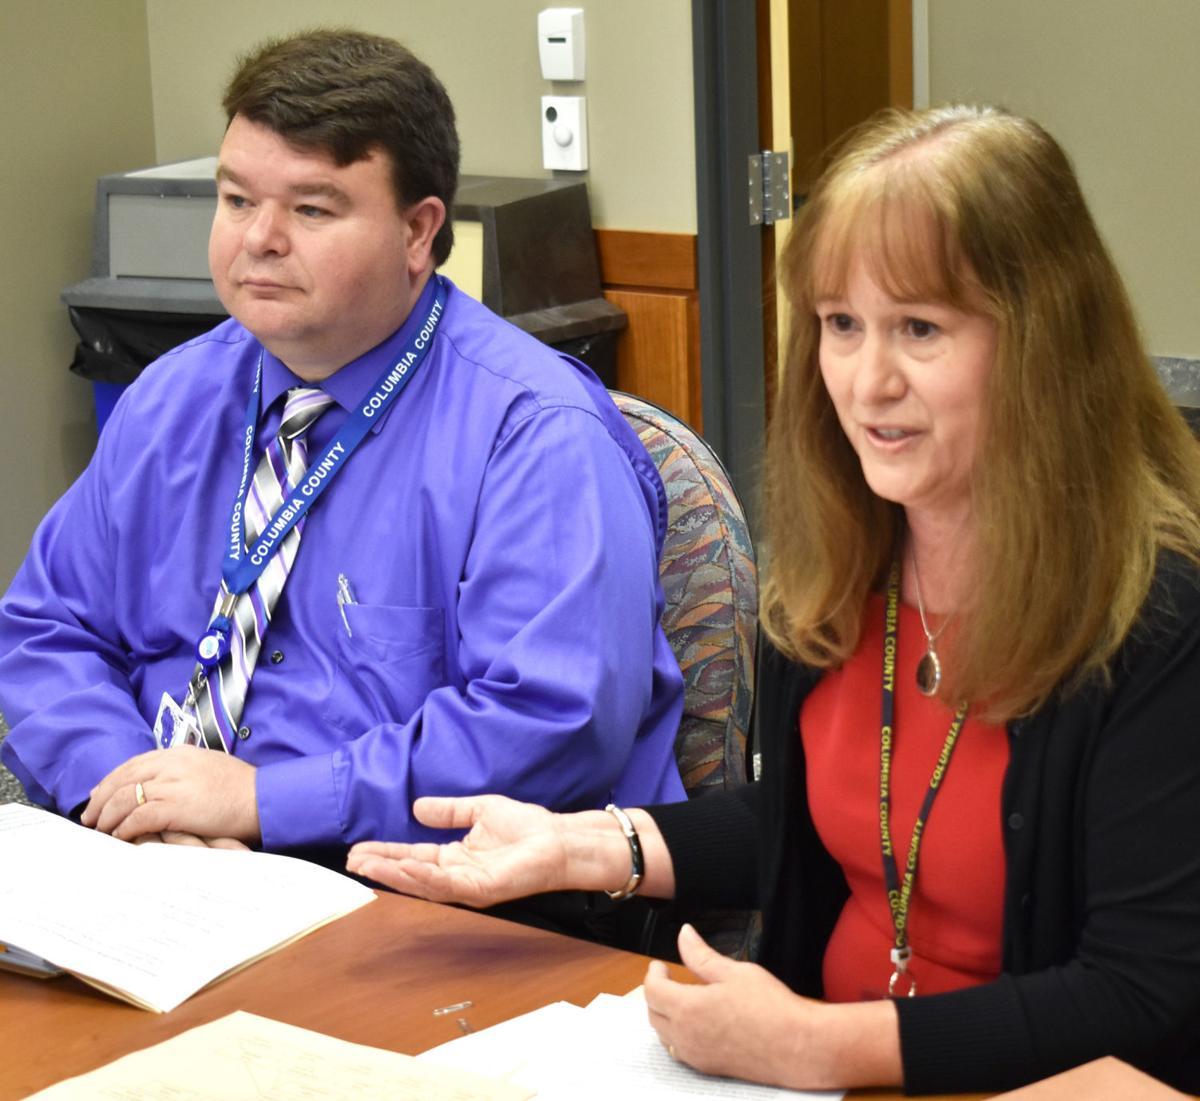 HR-exec judge and clerk